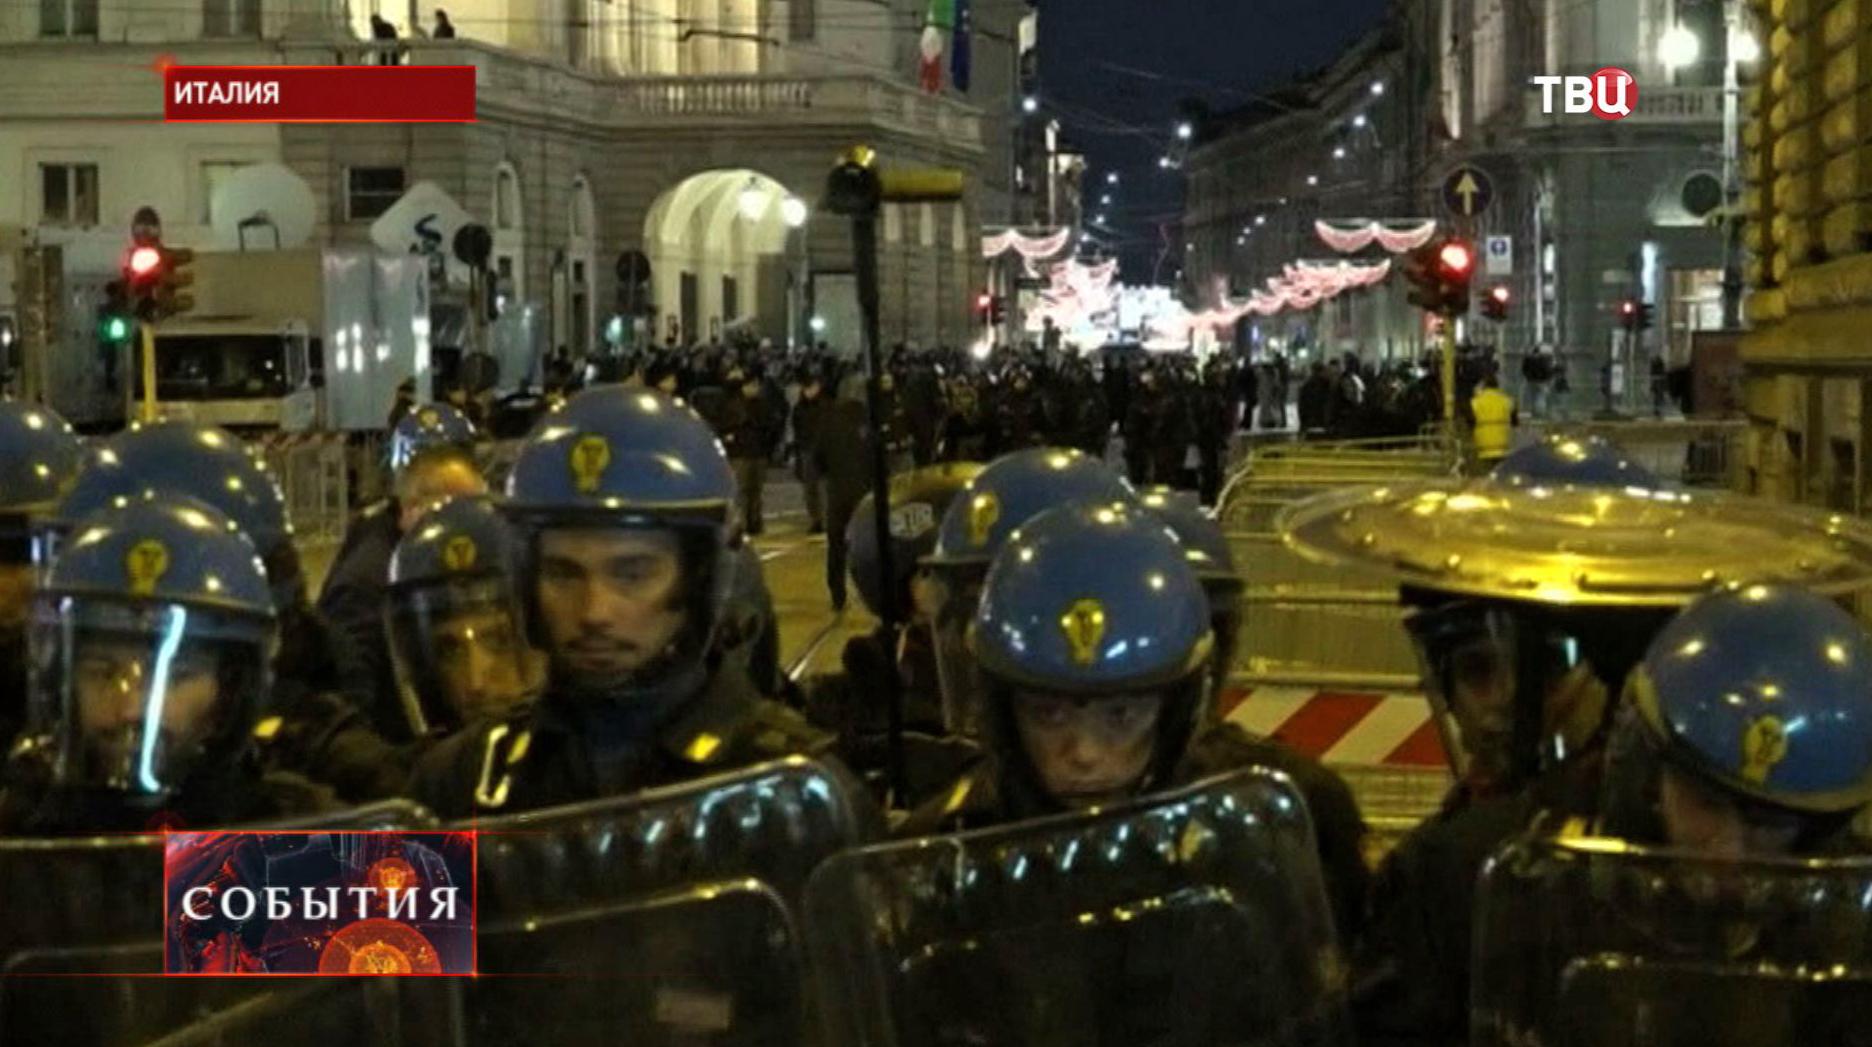 Акция протеста в Италии